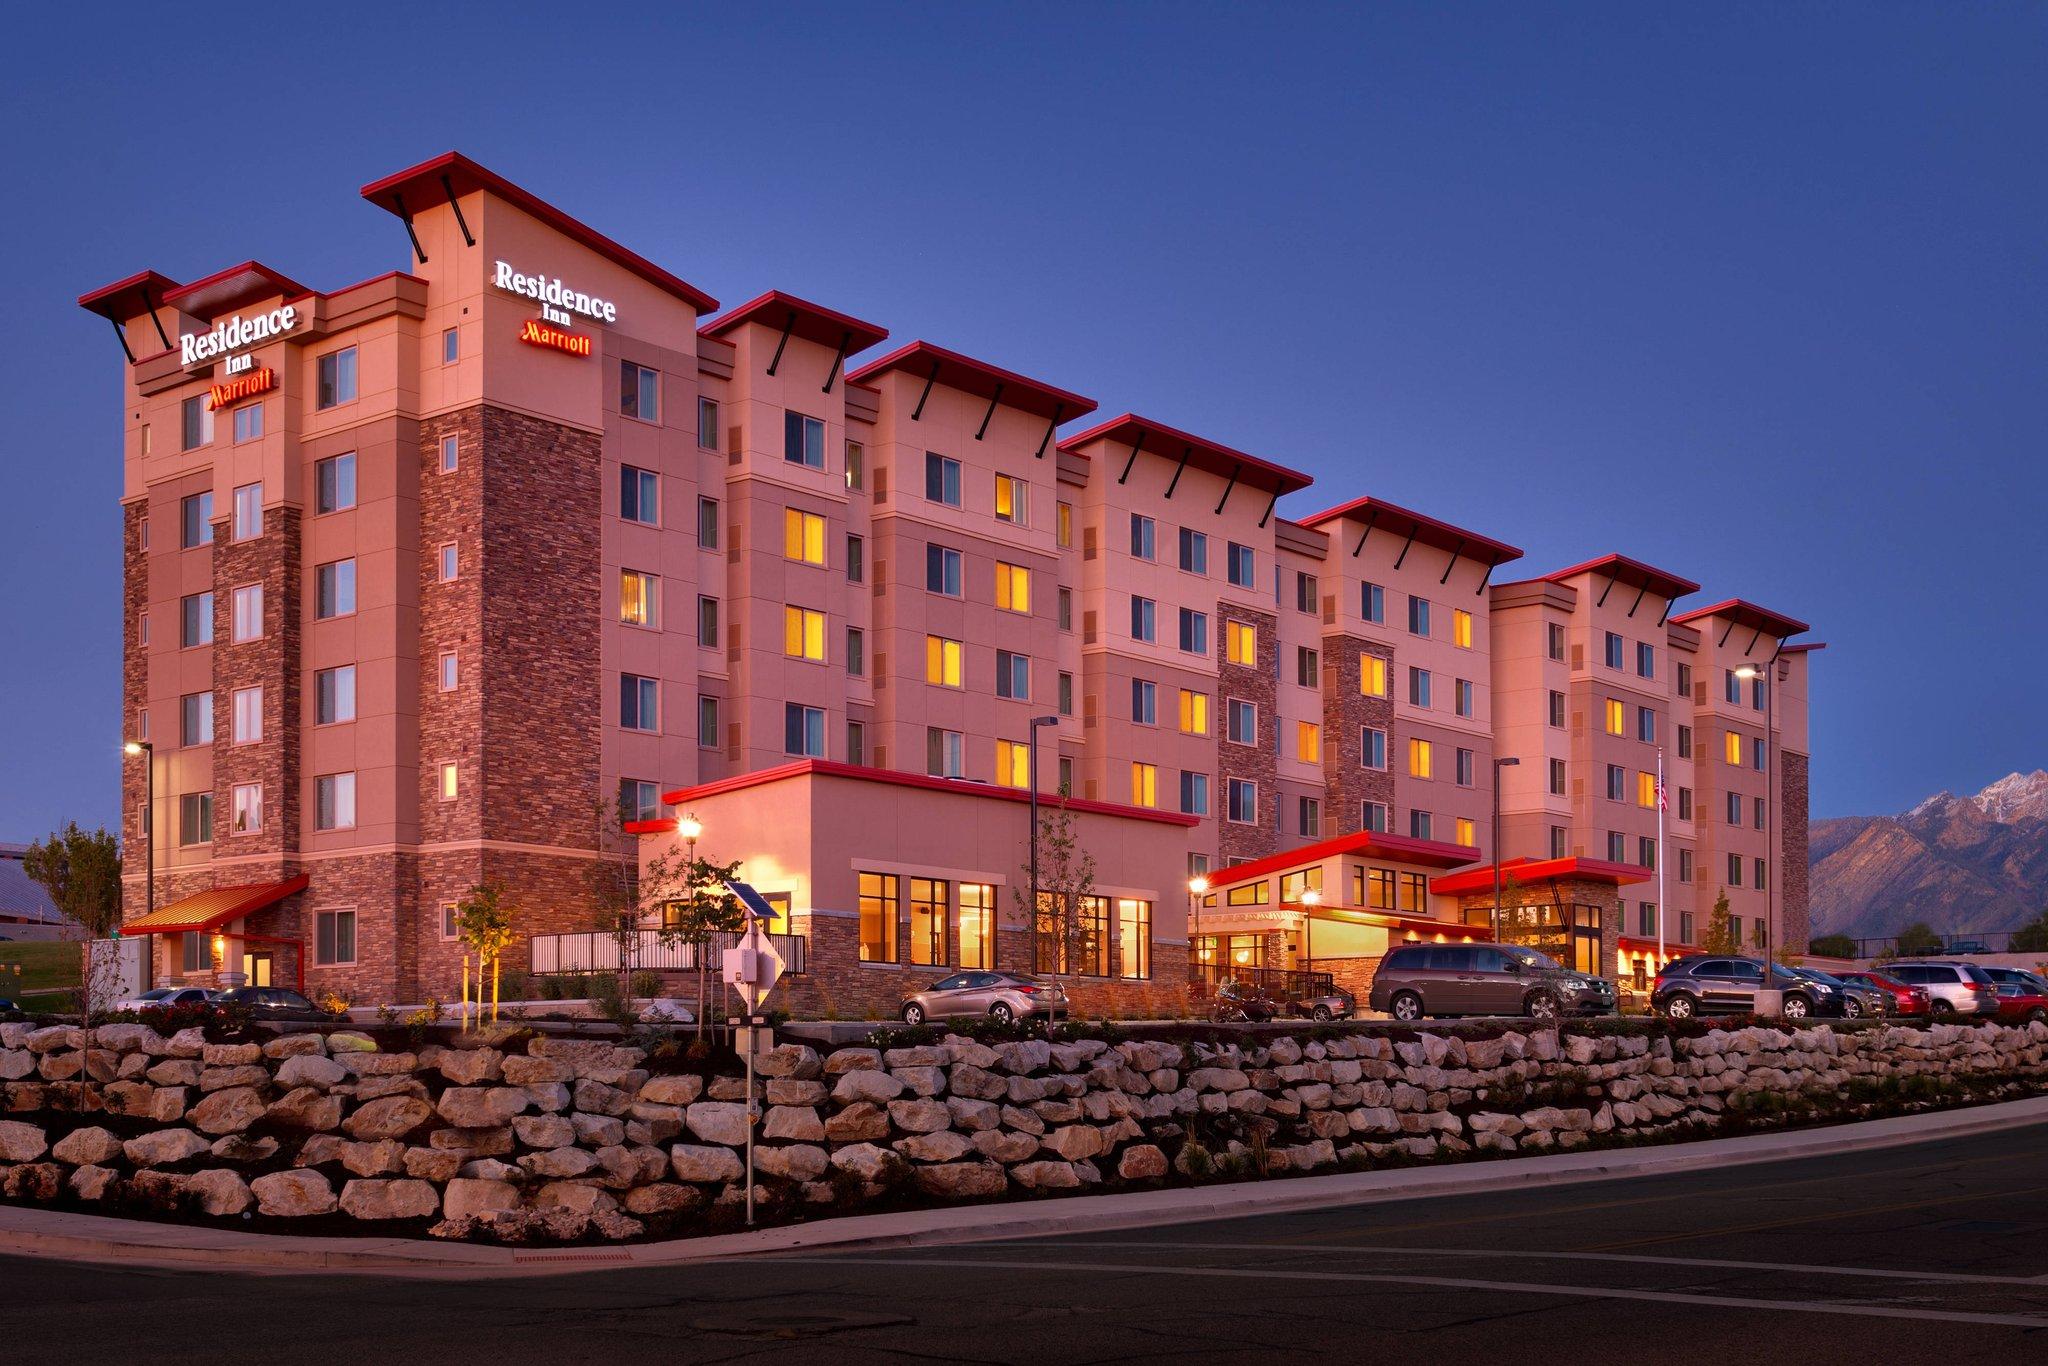 Residence Inn Salt Lake City/Murray